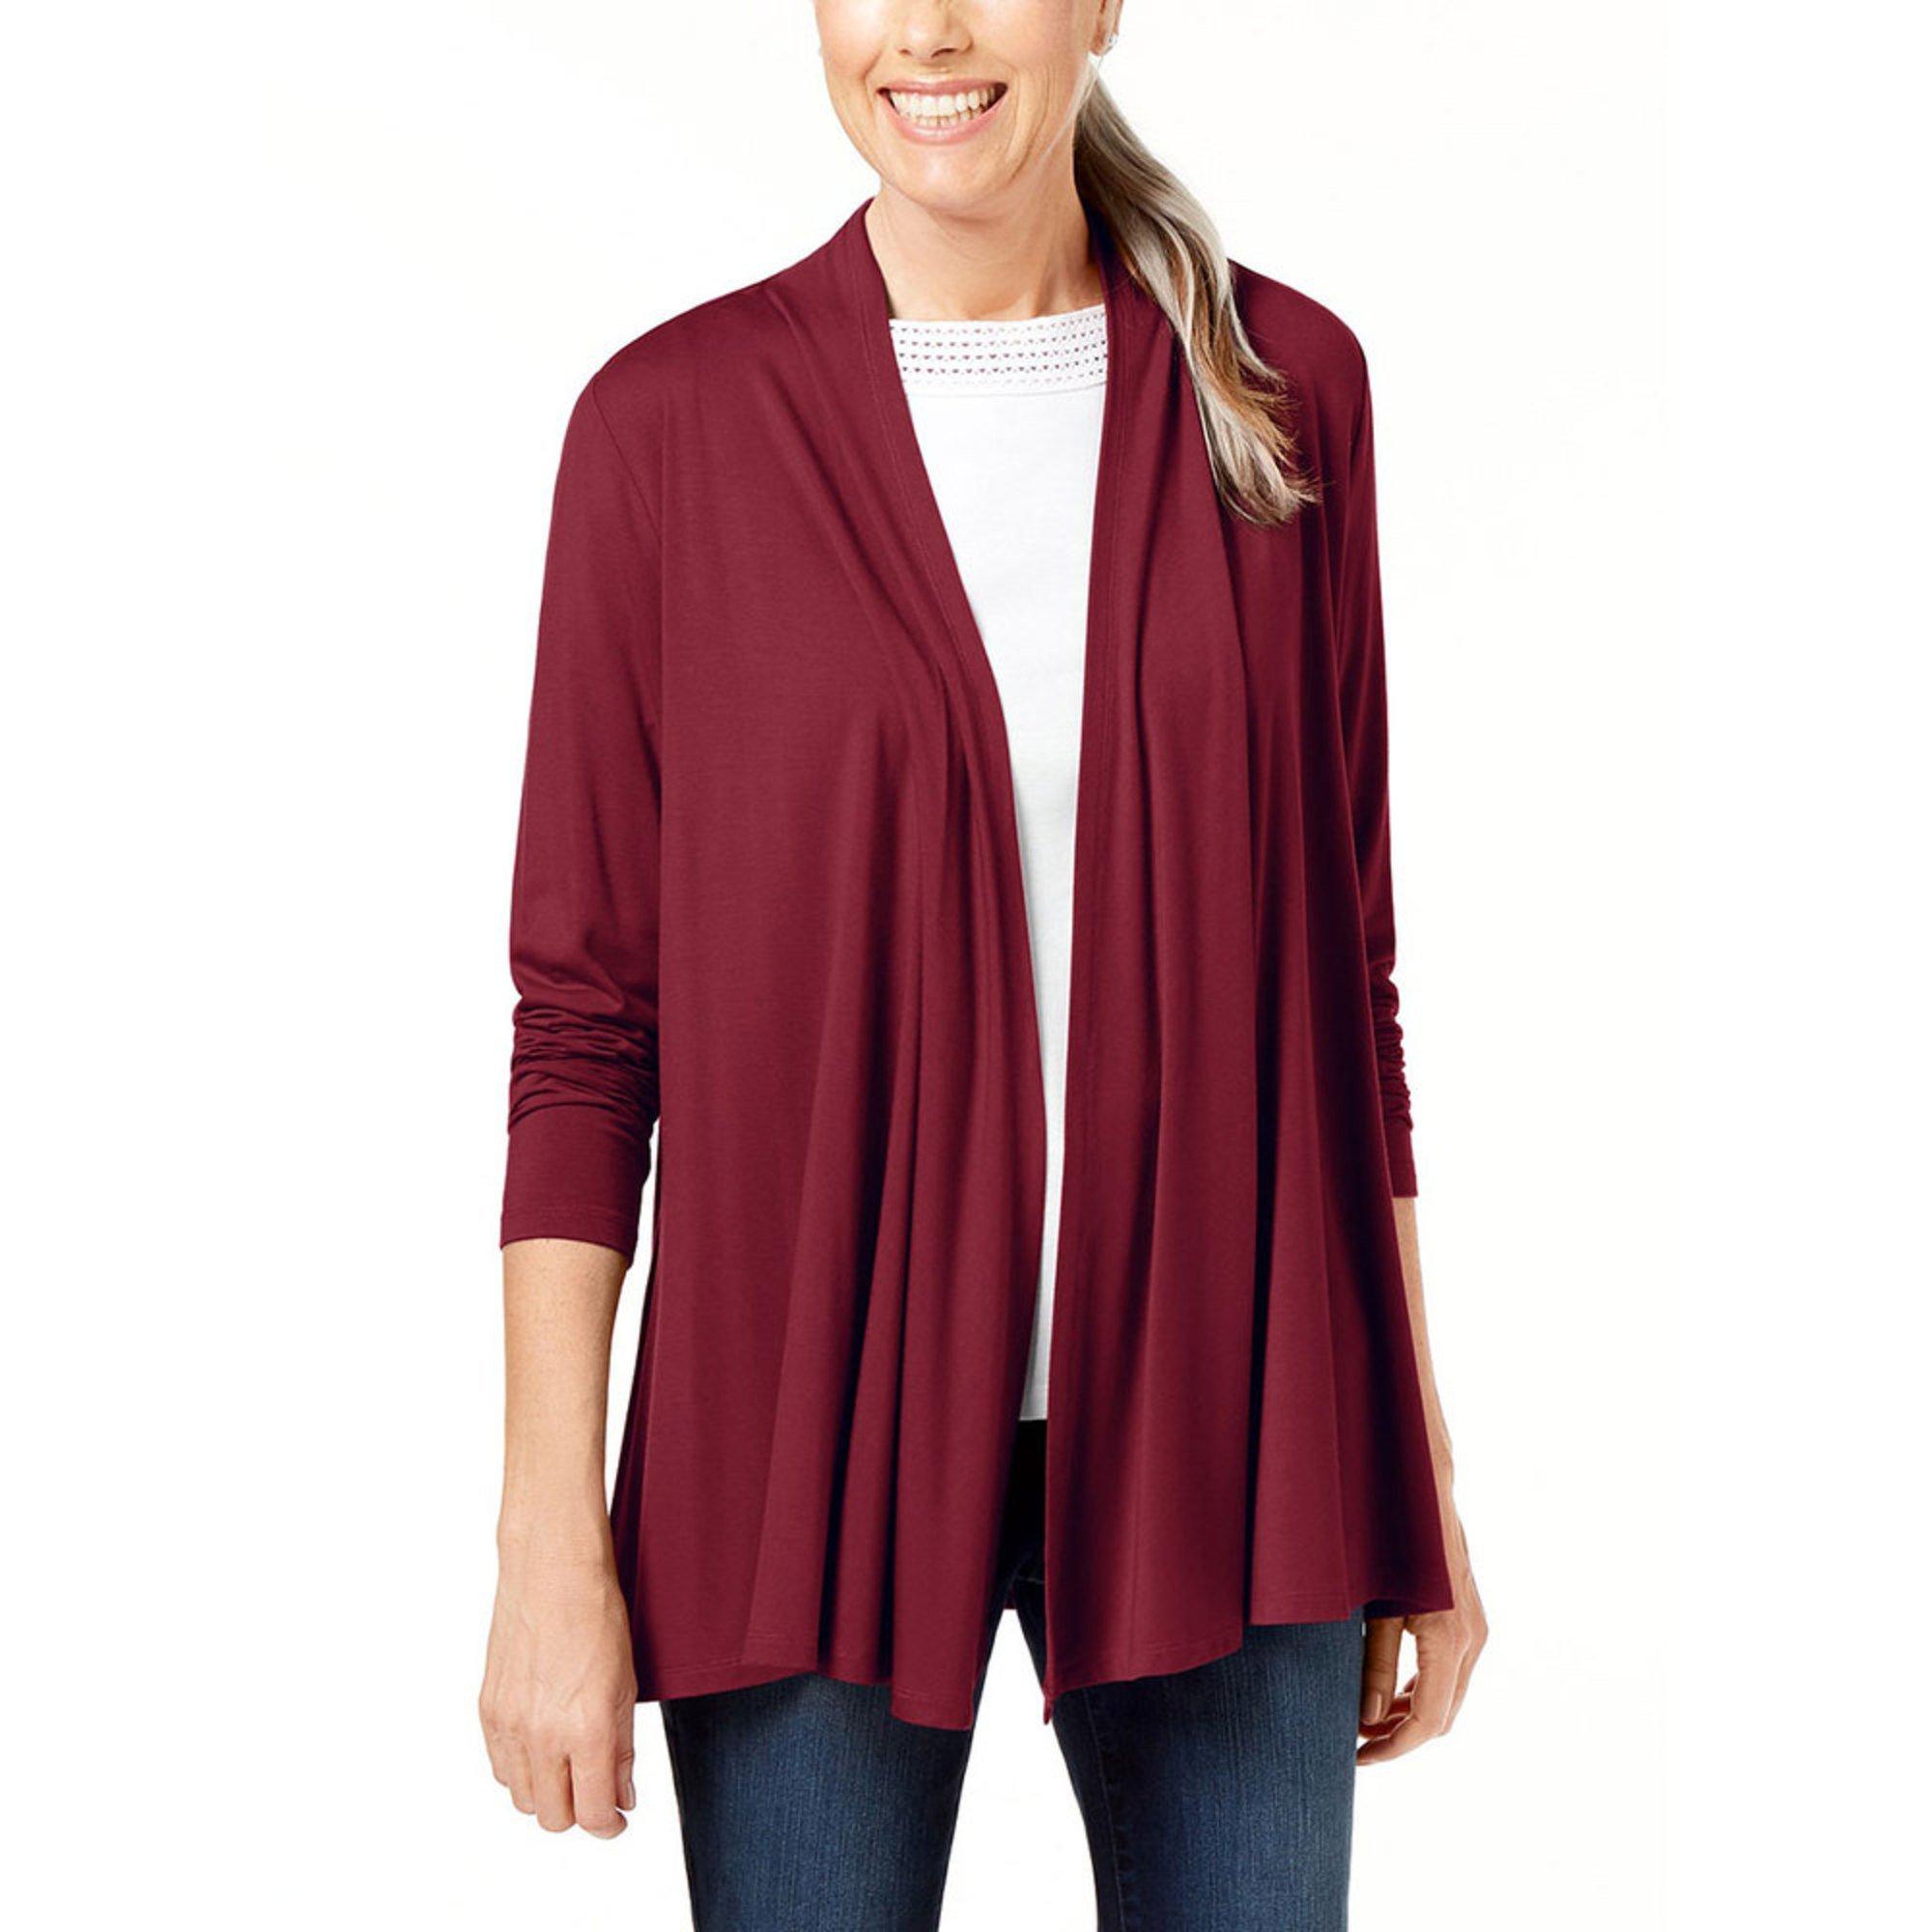 Karen Scott Womens 34 Sleeve Cascade Cardigan Sweaters Apparel